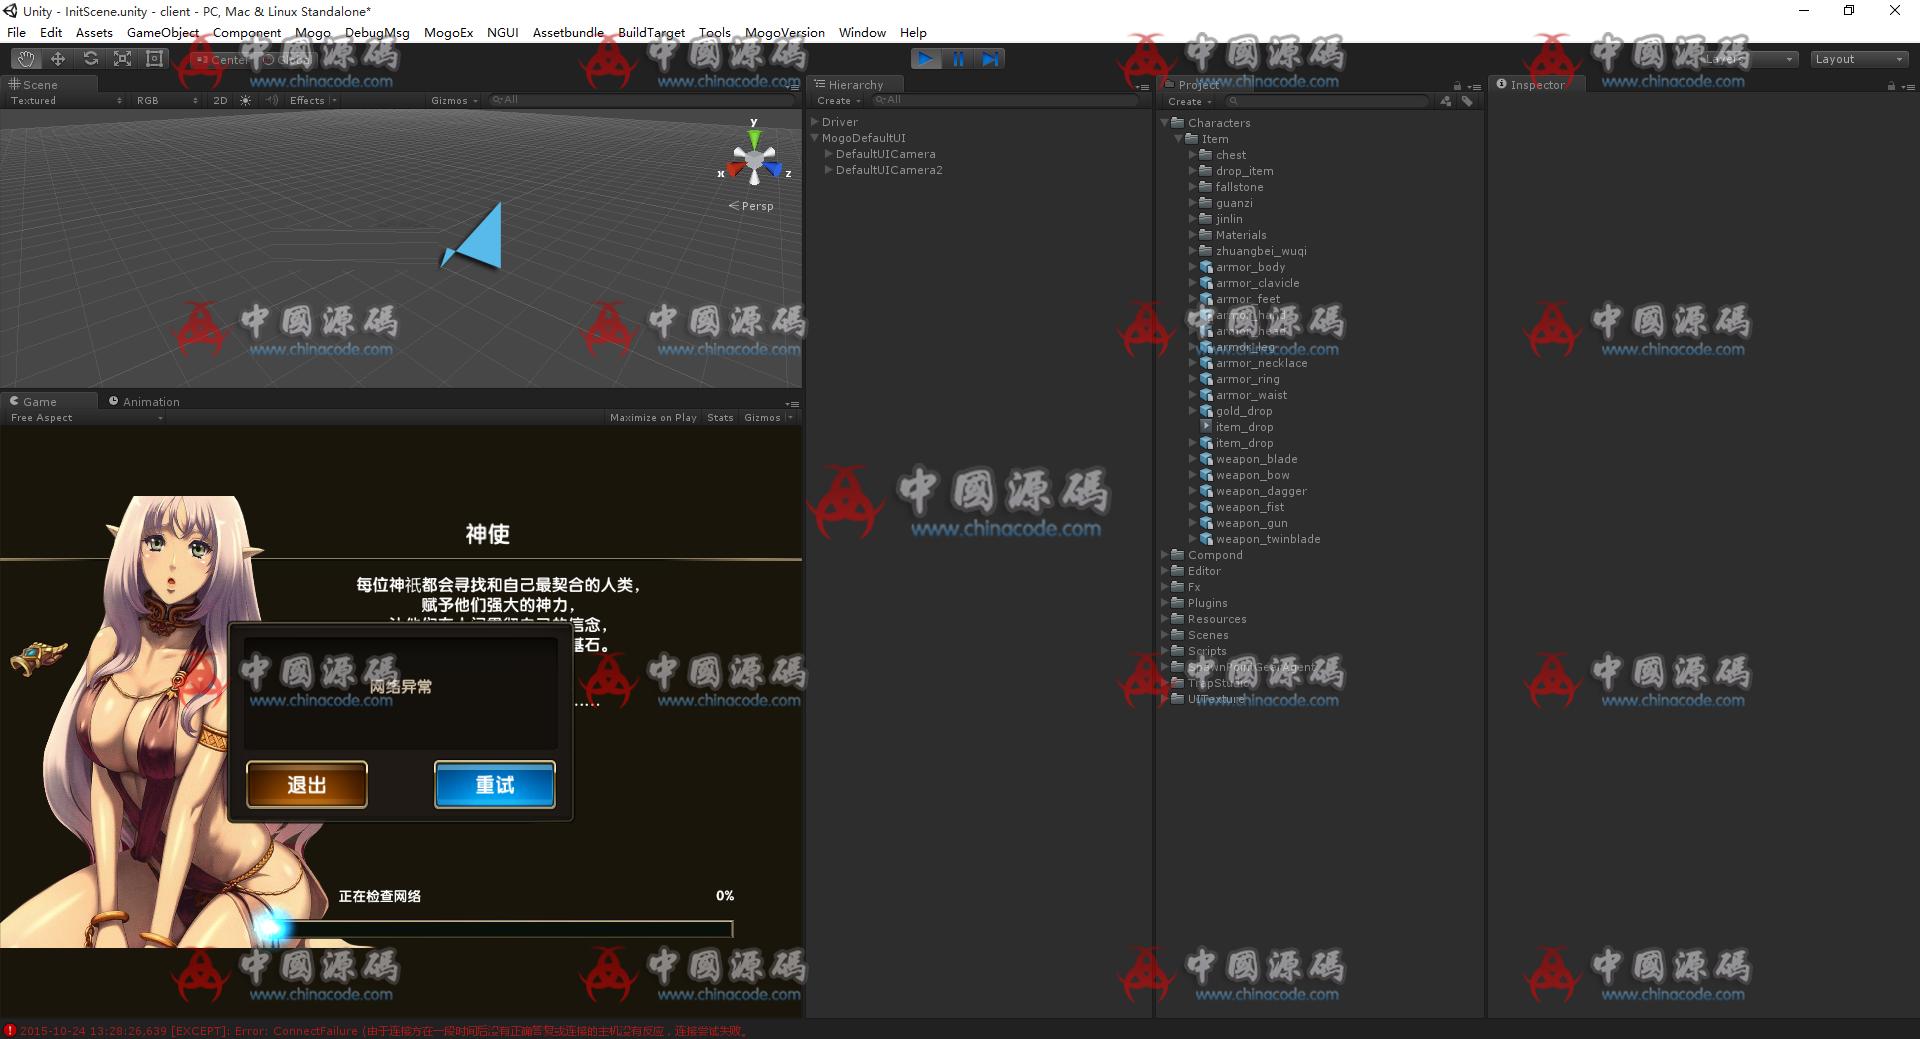 《暗黑战神》客户端源码 + 服务端源码 + 游戏资源 + 数据库 手游-第4张